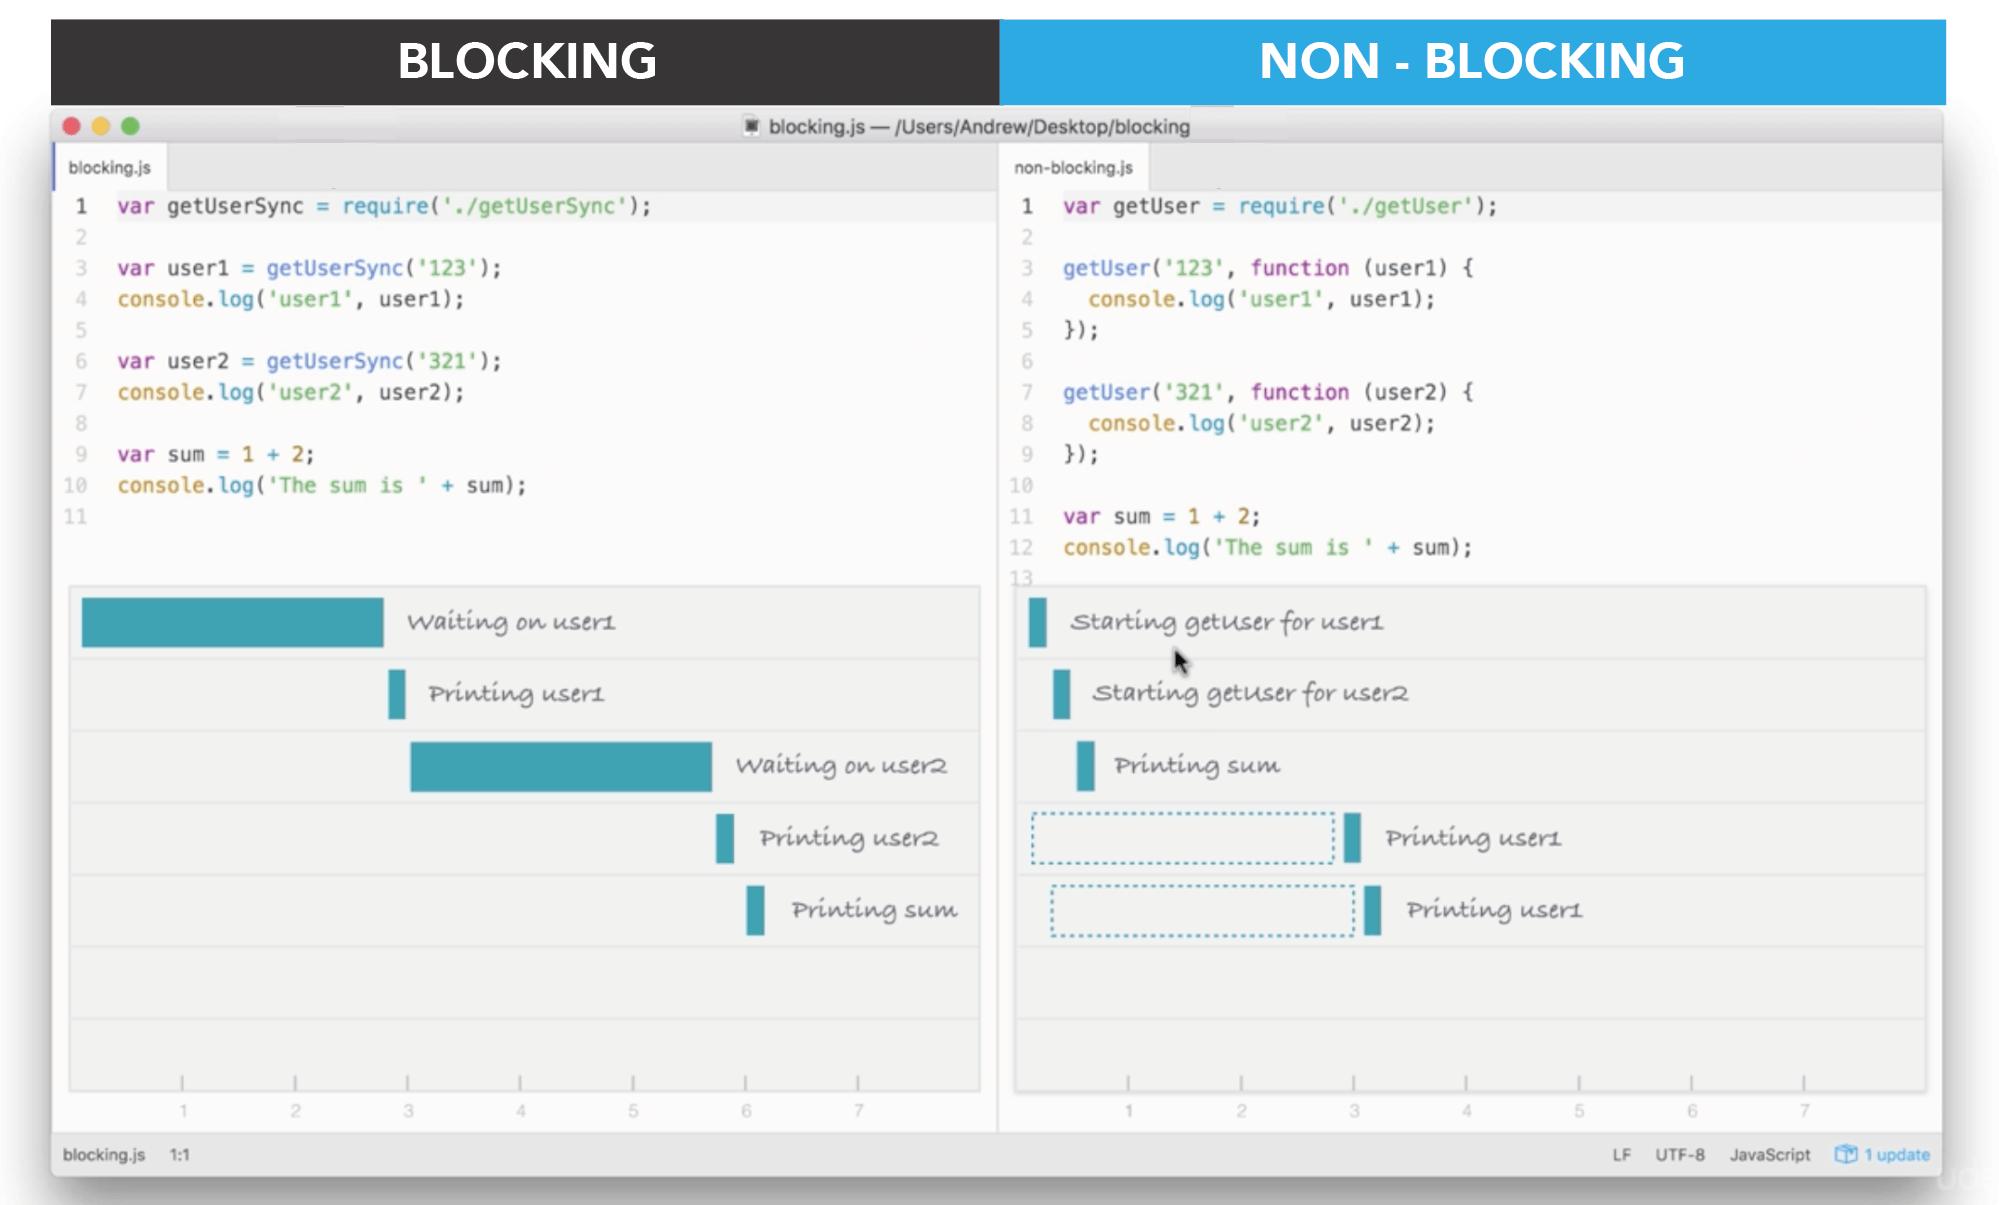 blocking-non-blocking-image